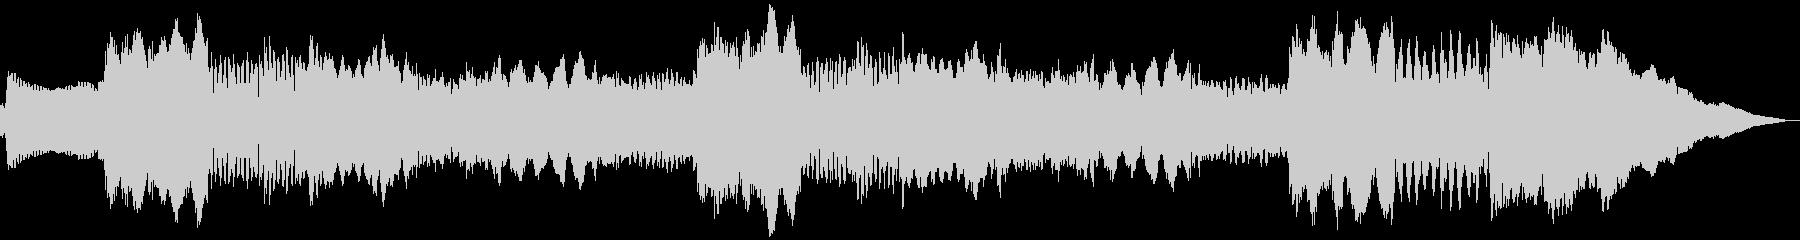 5秒CM用、サウンドロゴverDの未再生の波形